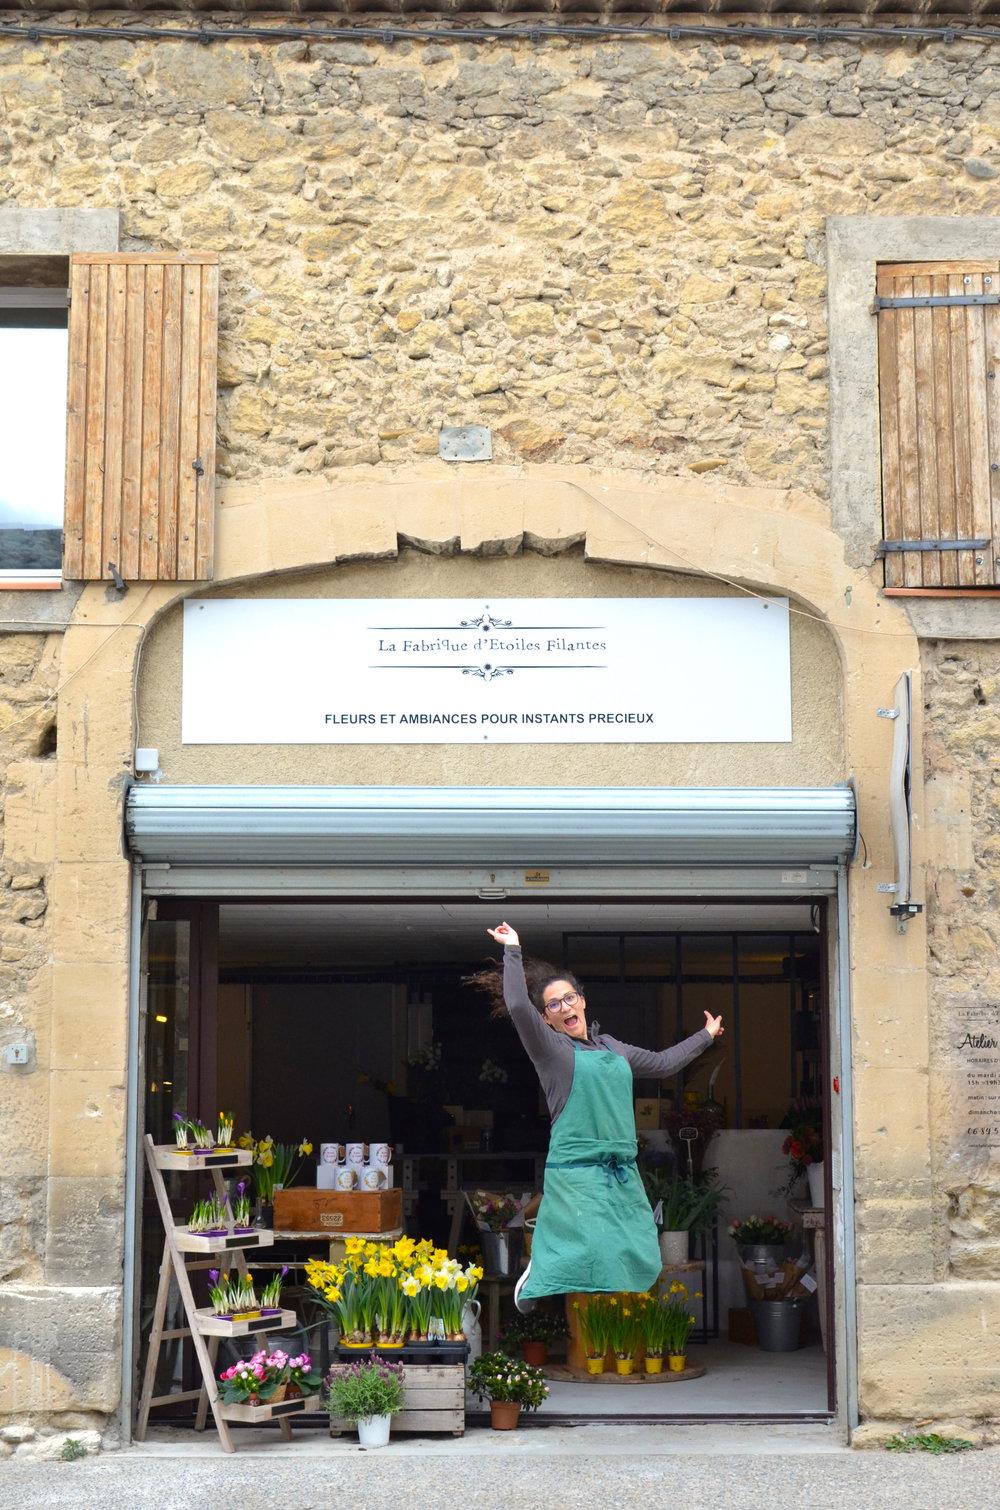 twinky lizzy blog aix en provence - boutique atelier la fabrique detoiles filantes 01.jpg